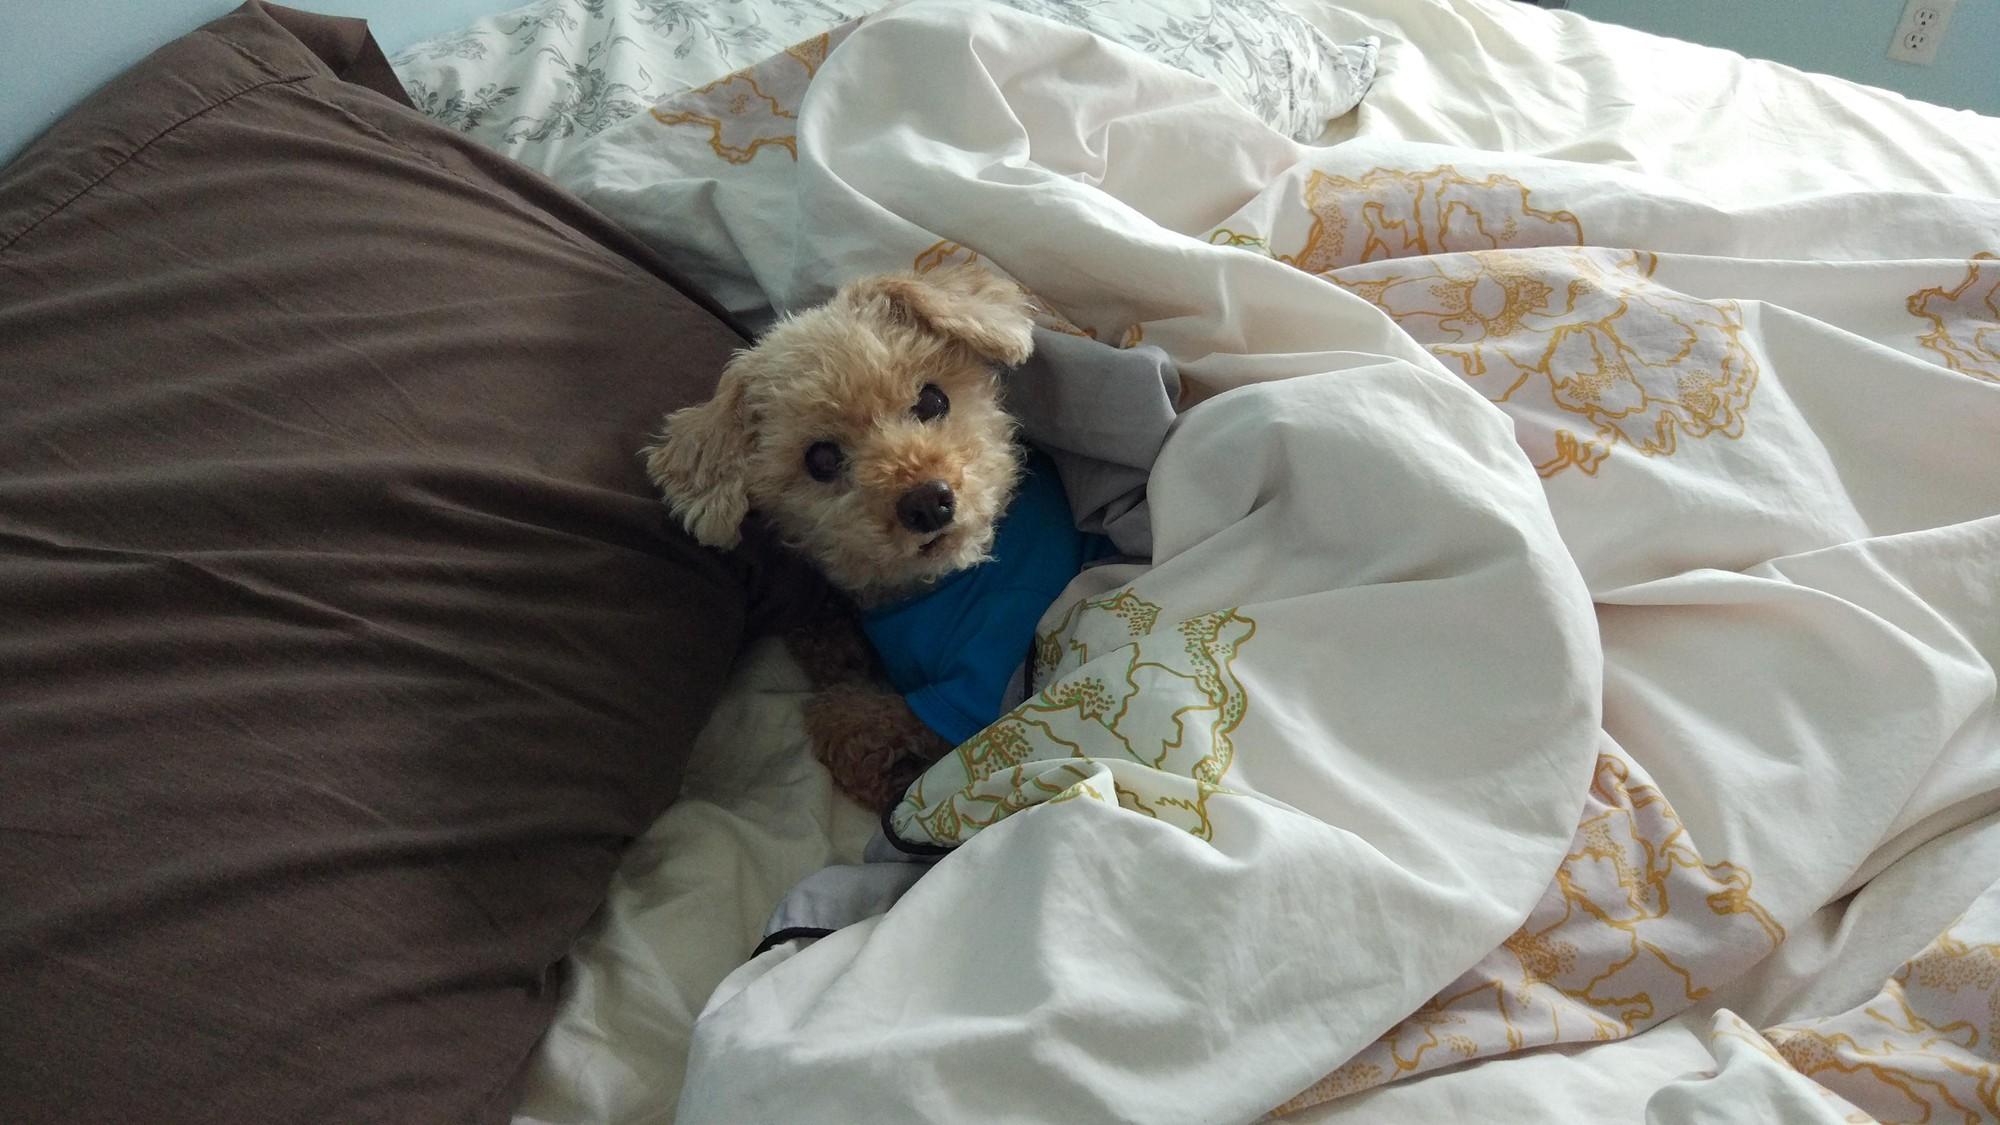 15 chú chó xấu tính chỉ thích độc chiếm một mình một giường mới chịu - Ảnh 13.